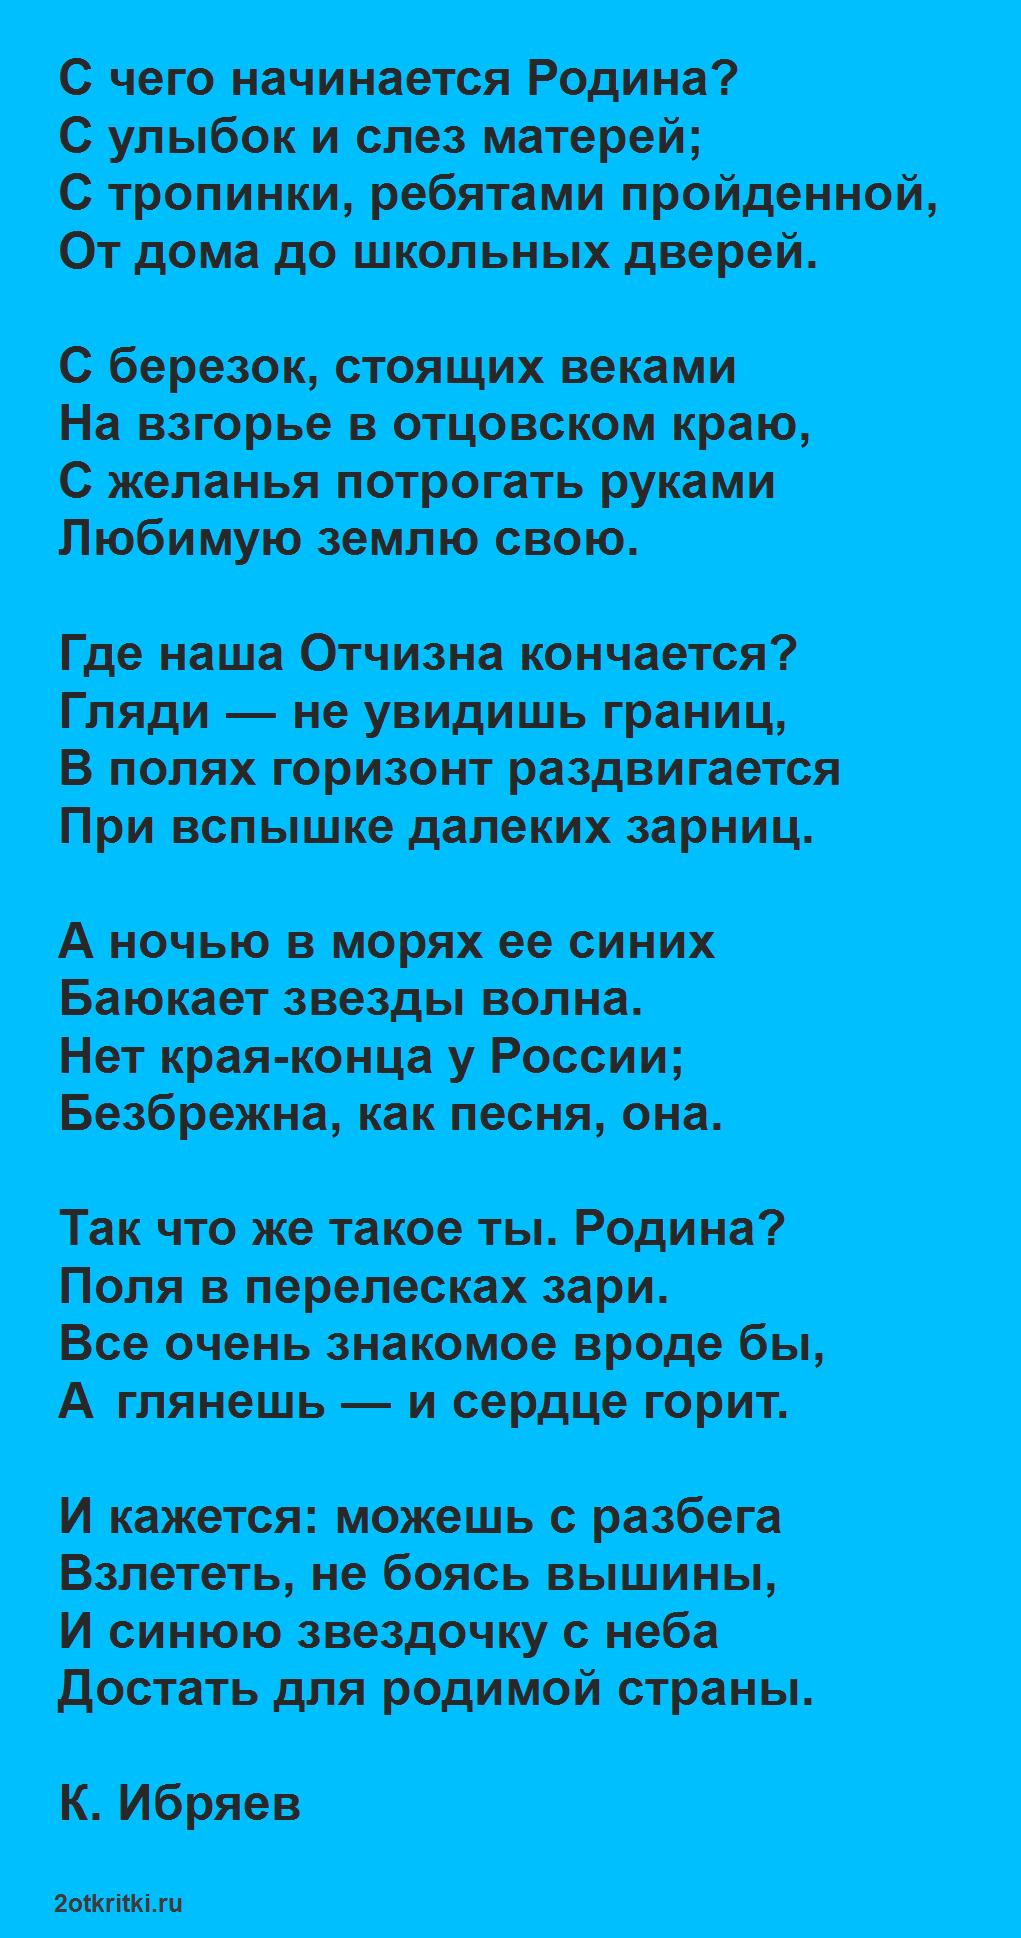 Стихи ко дню России - С чего начинается Родина